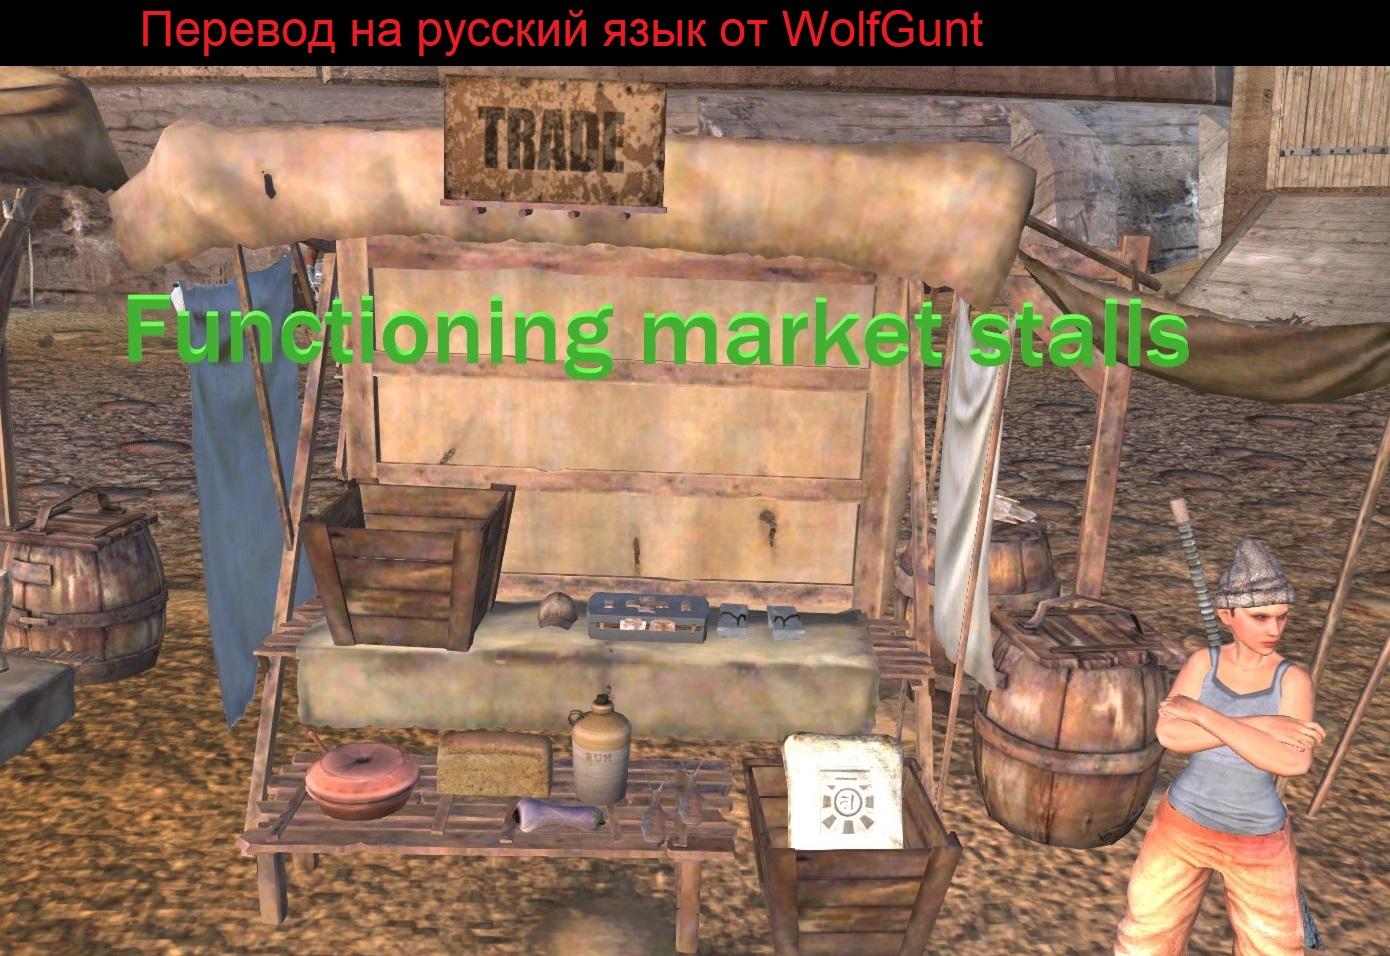 Functioning market stalls / Функционирующие рыночные прилавки (RU)